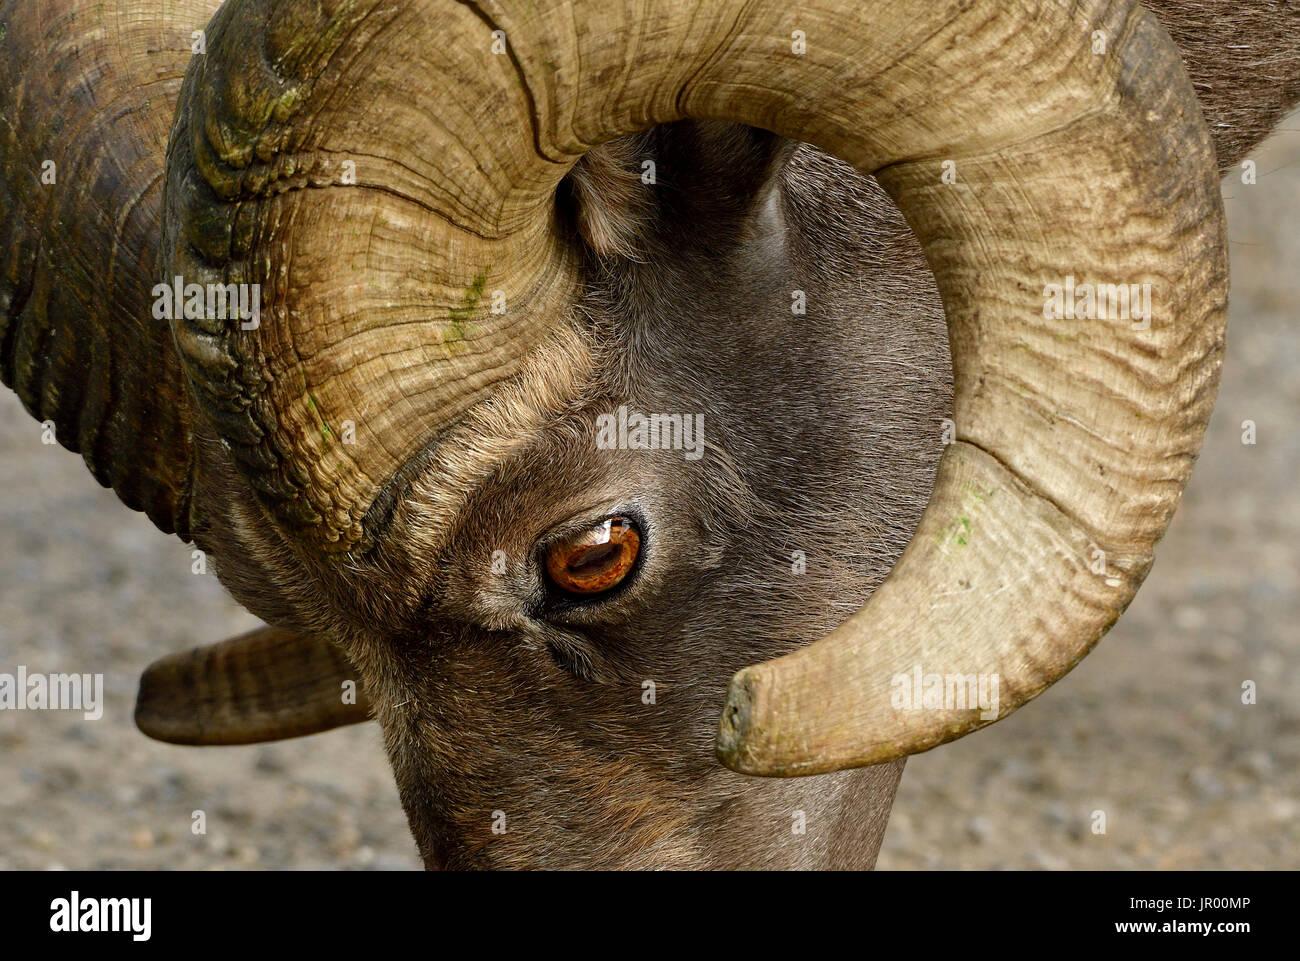 Eine Nahaufnahme der Seitenansicht eine wilde Dickhornschafe Gesicht zeigt das Auge und die Rotation des sein horn Stockbild